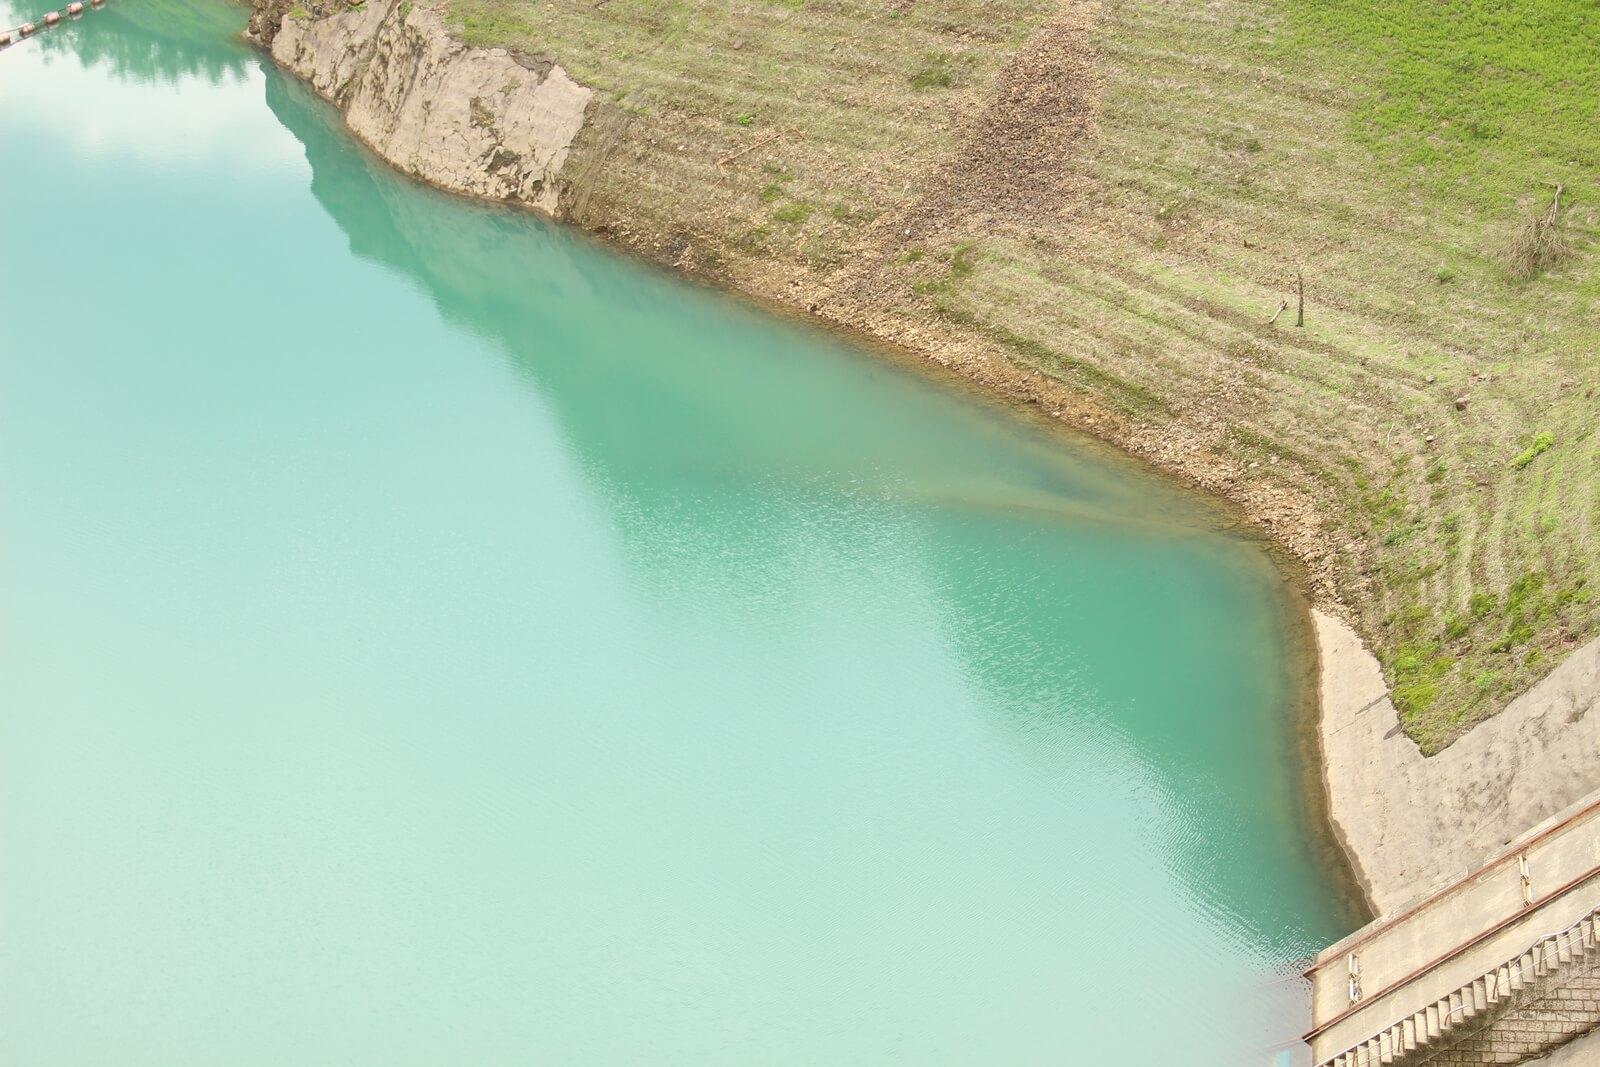 緑色の水面も少し不思議な翡翠色をしていました